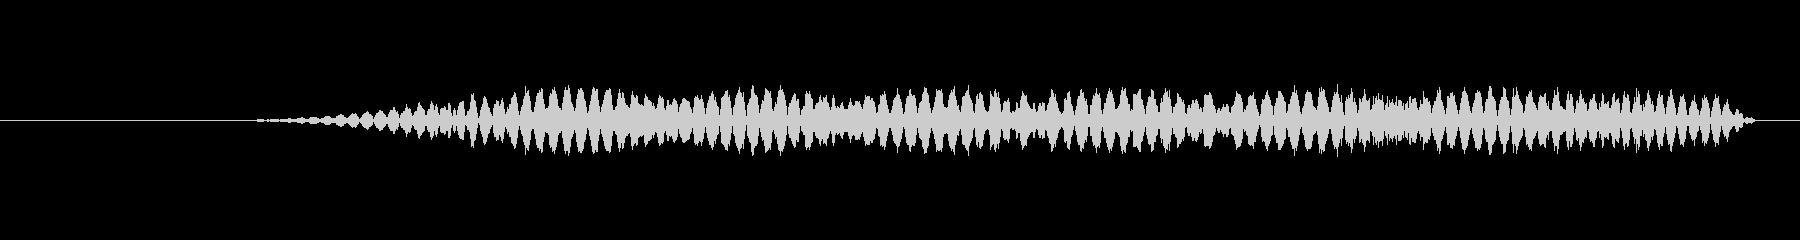 特撮 インターフェースビープ03の未再生の波形